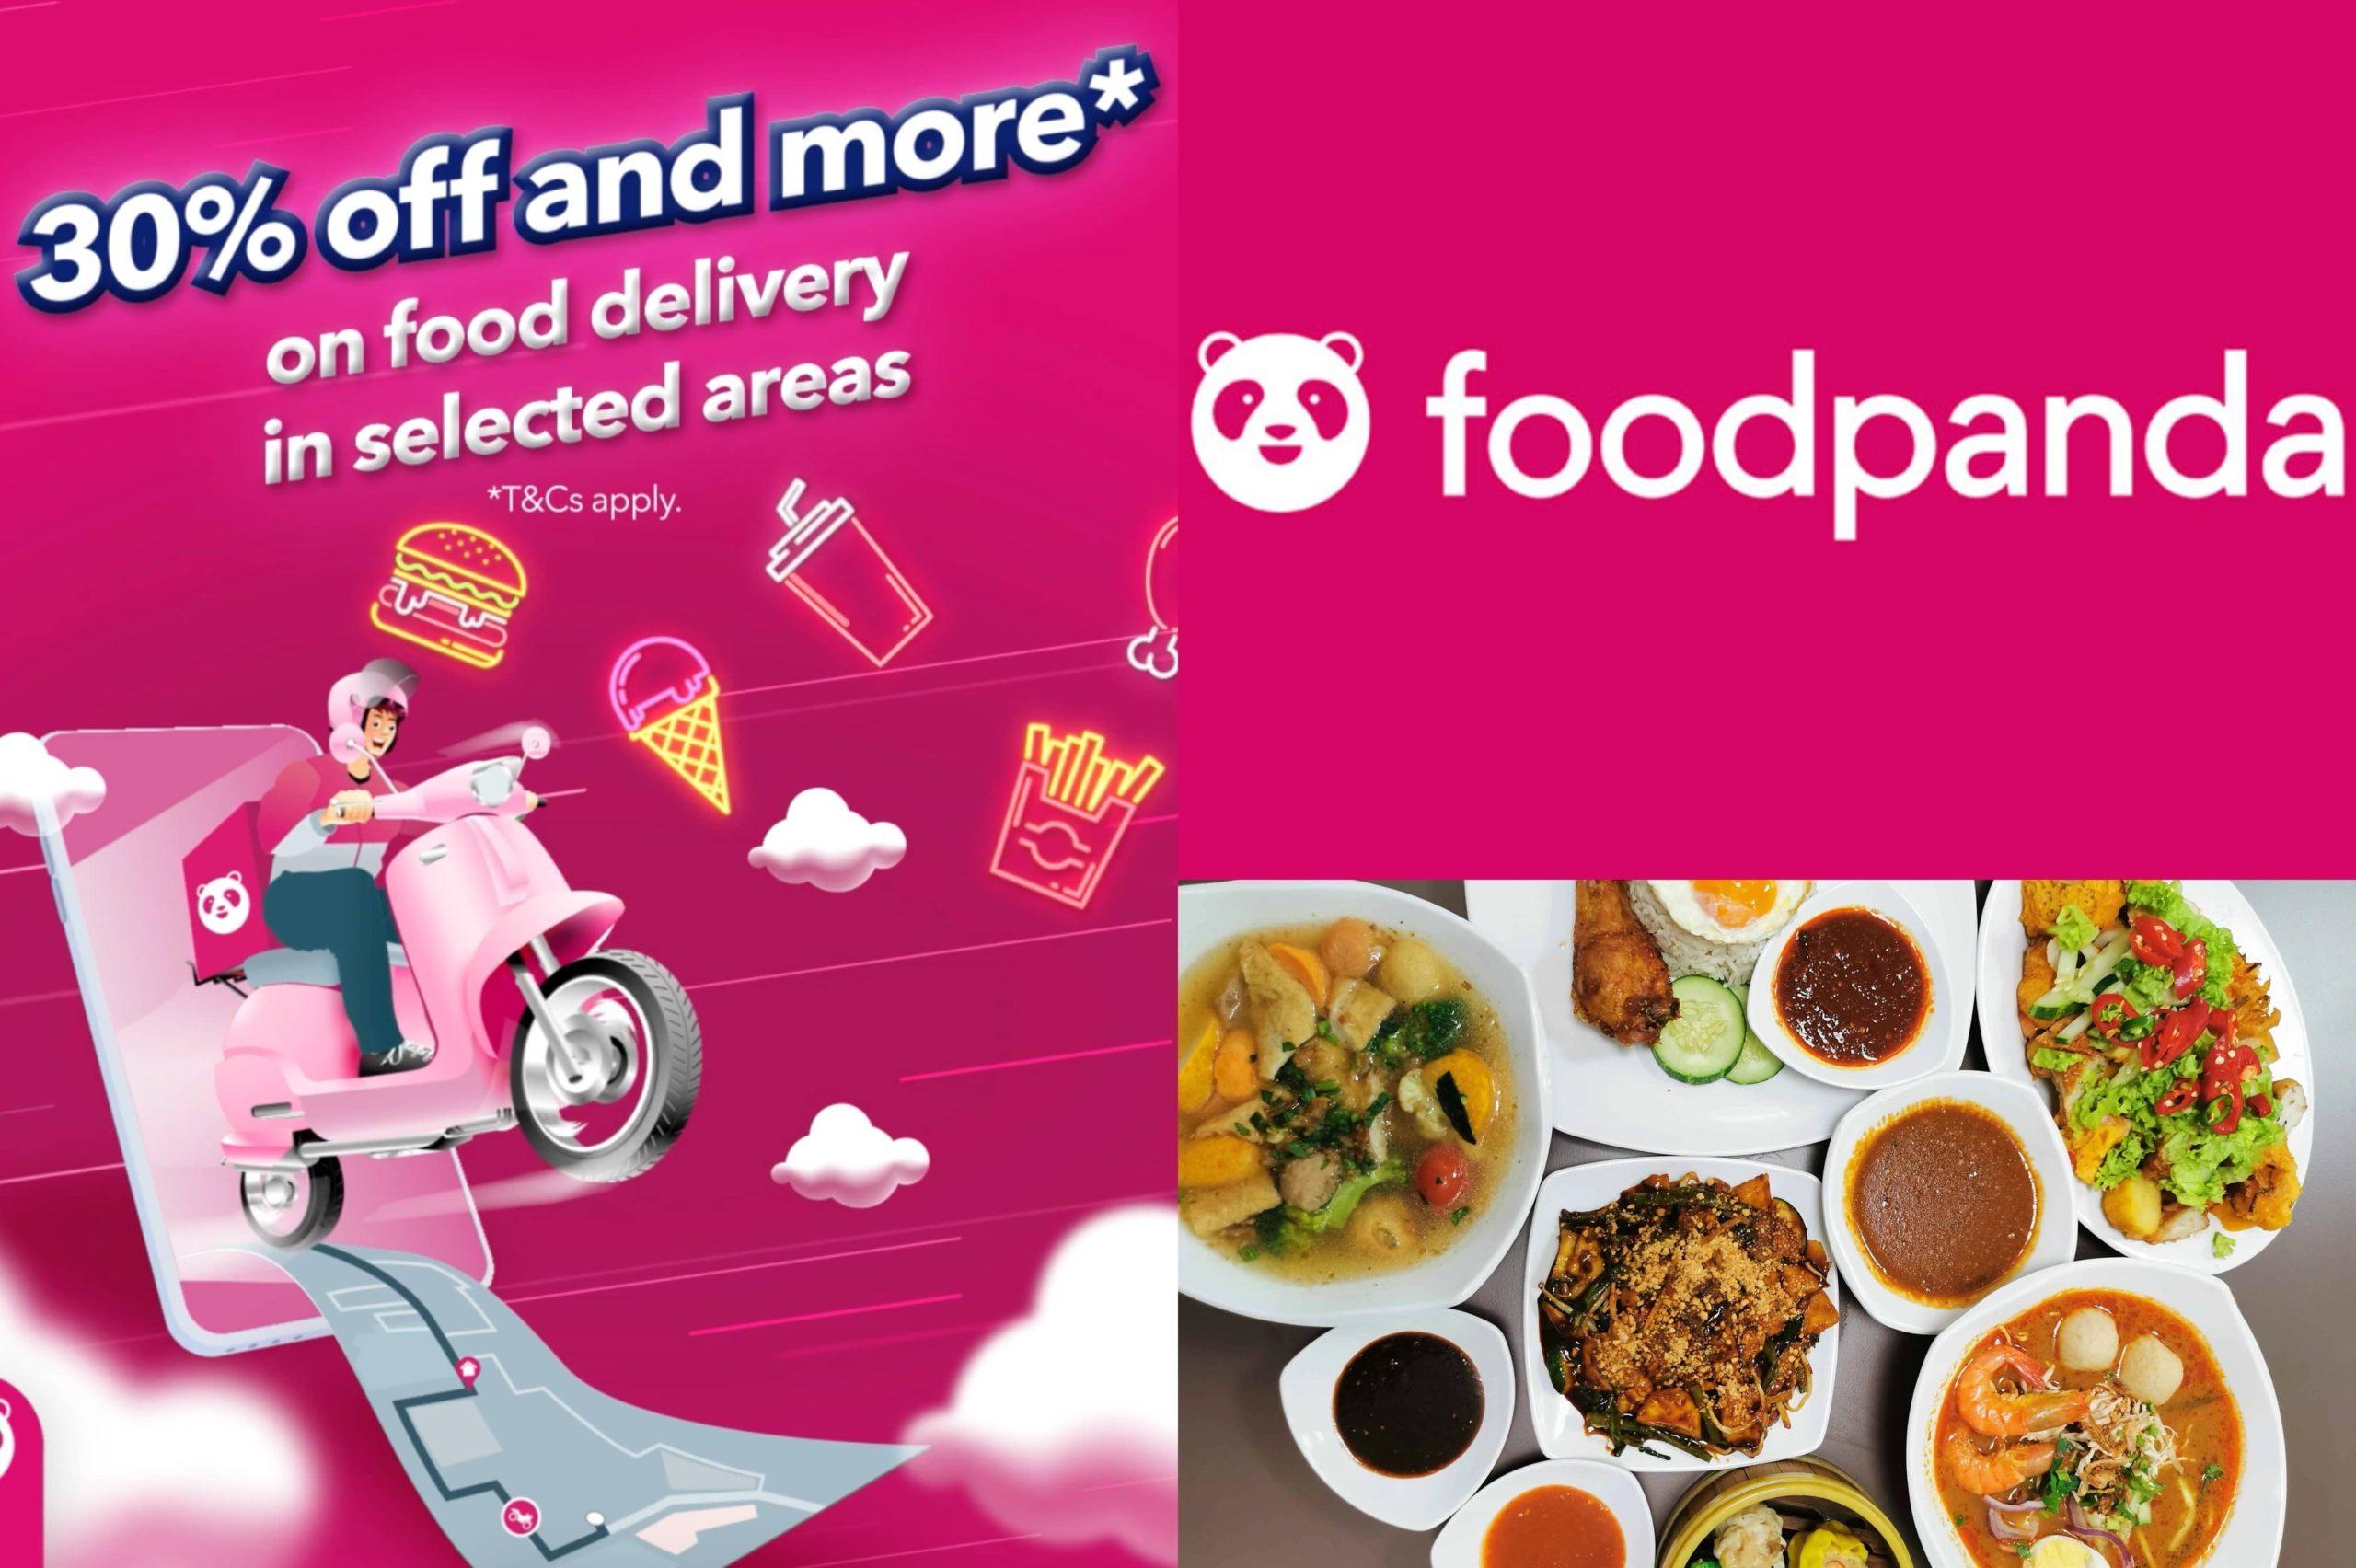 Anda Kaki Makan? Foodpanda JomMakan Promo Menawarkan Diskaun Sebanyak 30% Makanan Dari Lebih 13,600 Restoran